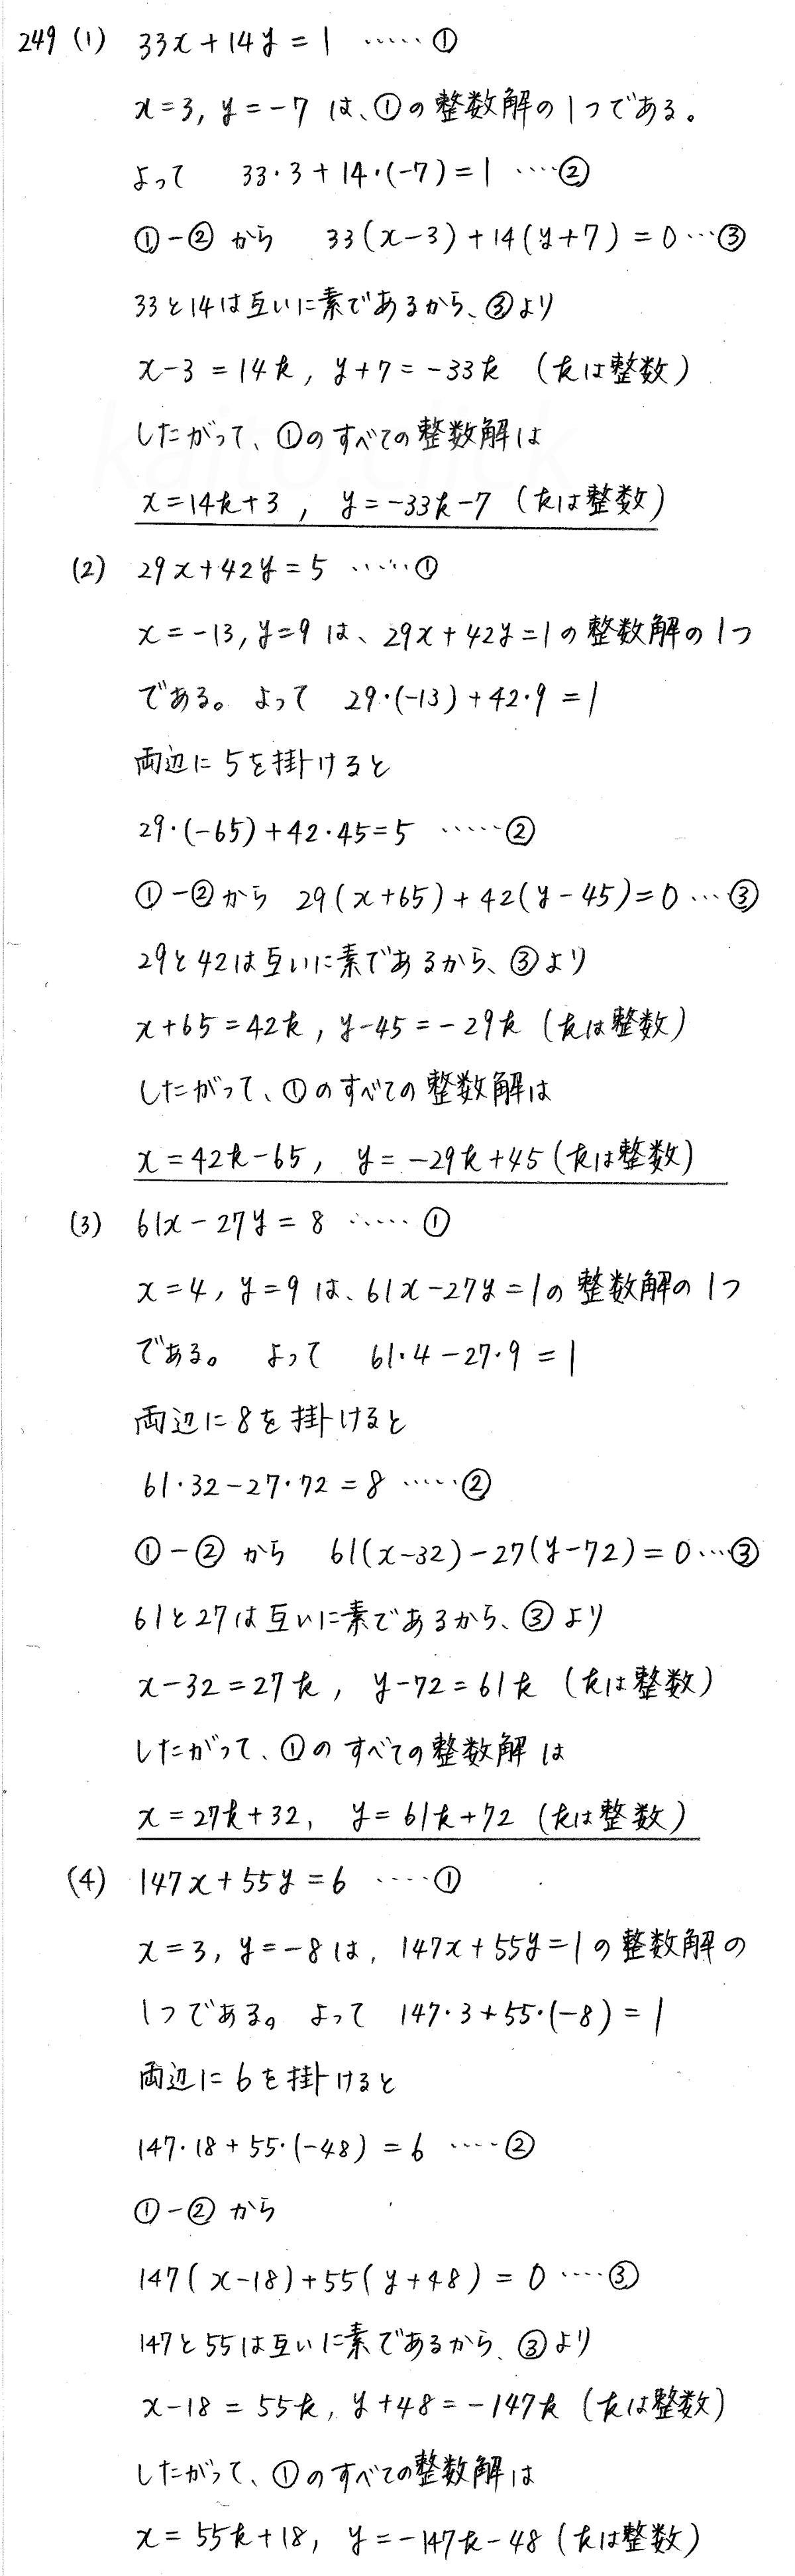 クリアー数学A-249解答